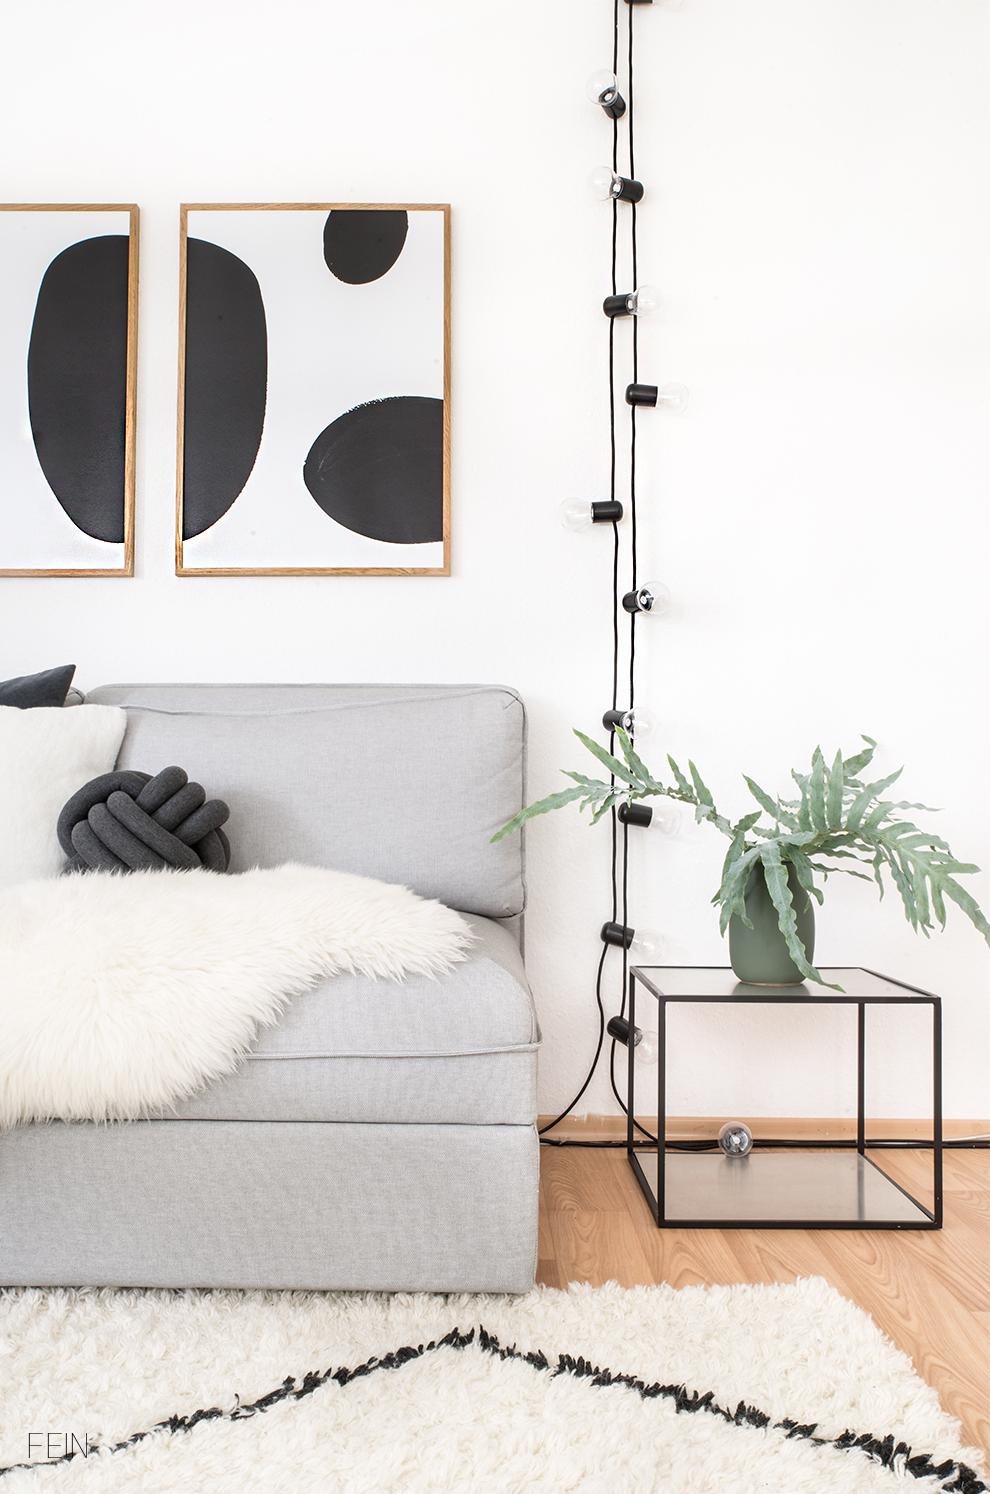 schwarz wei e einrichtung wohnzimmer fein und fabelhaft. Black Bedroom Furniture Sets. Home Design Ideas